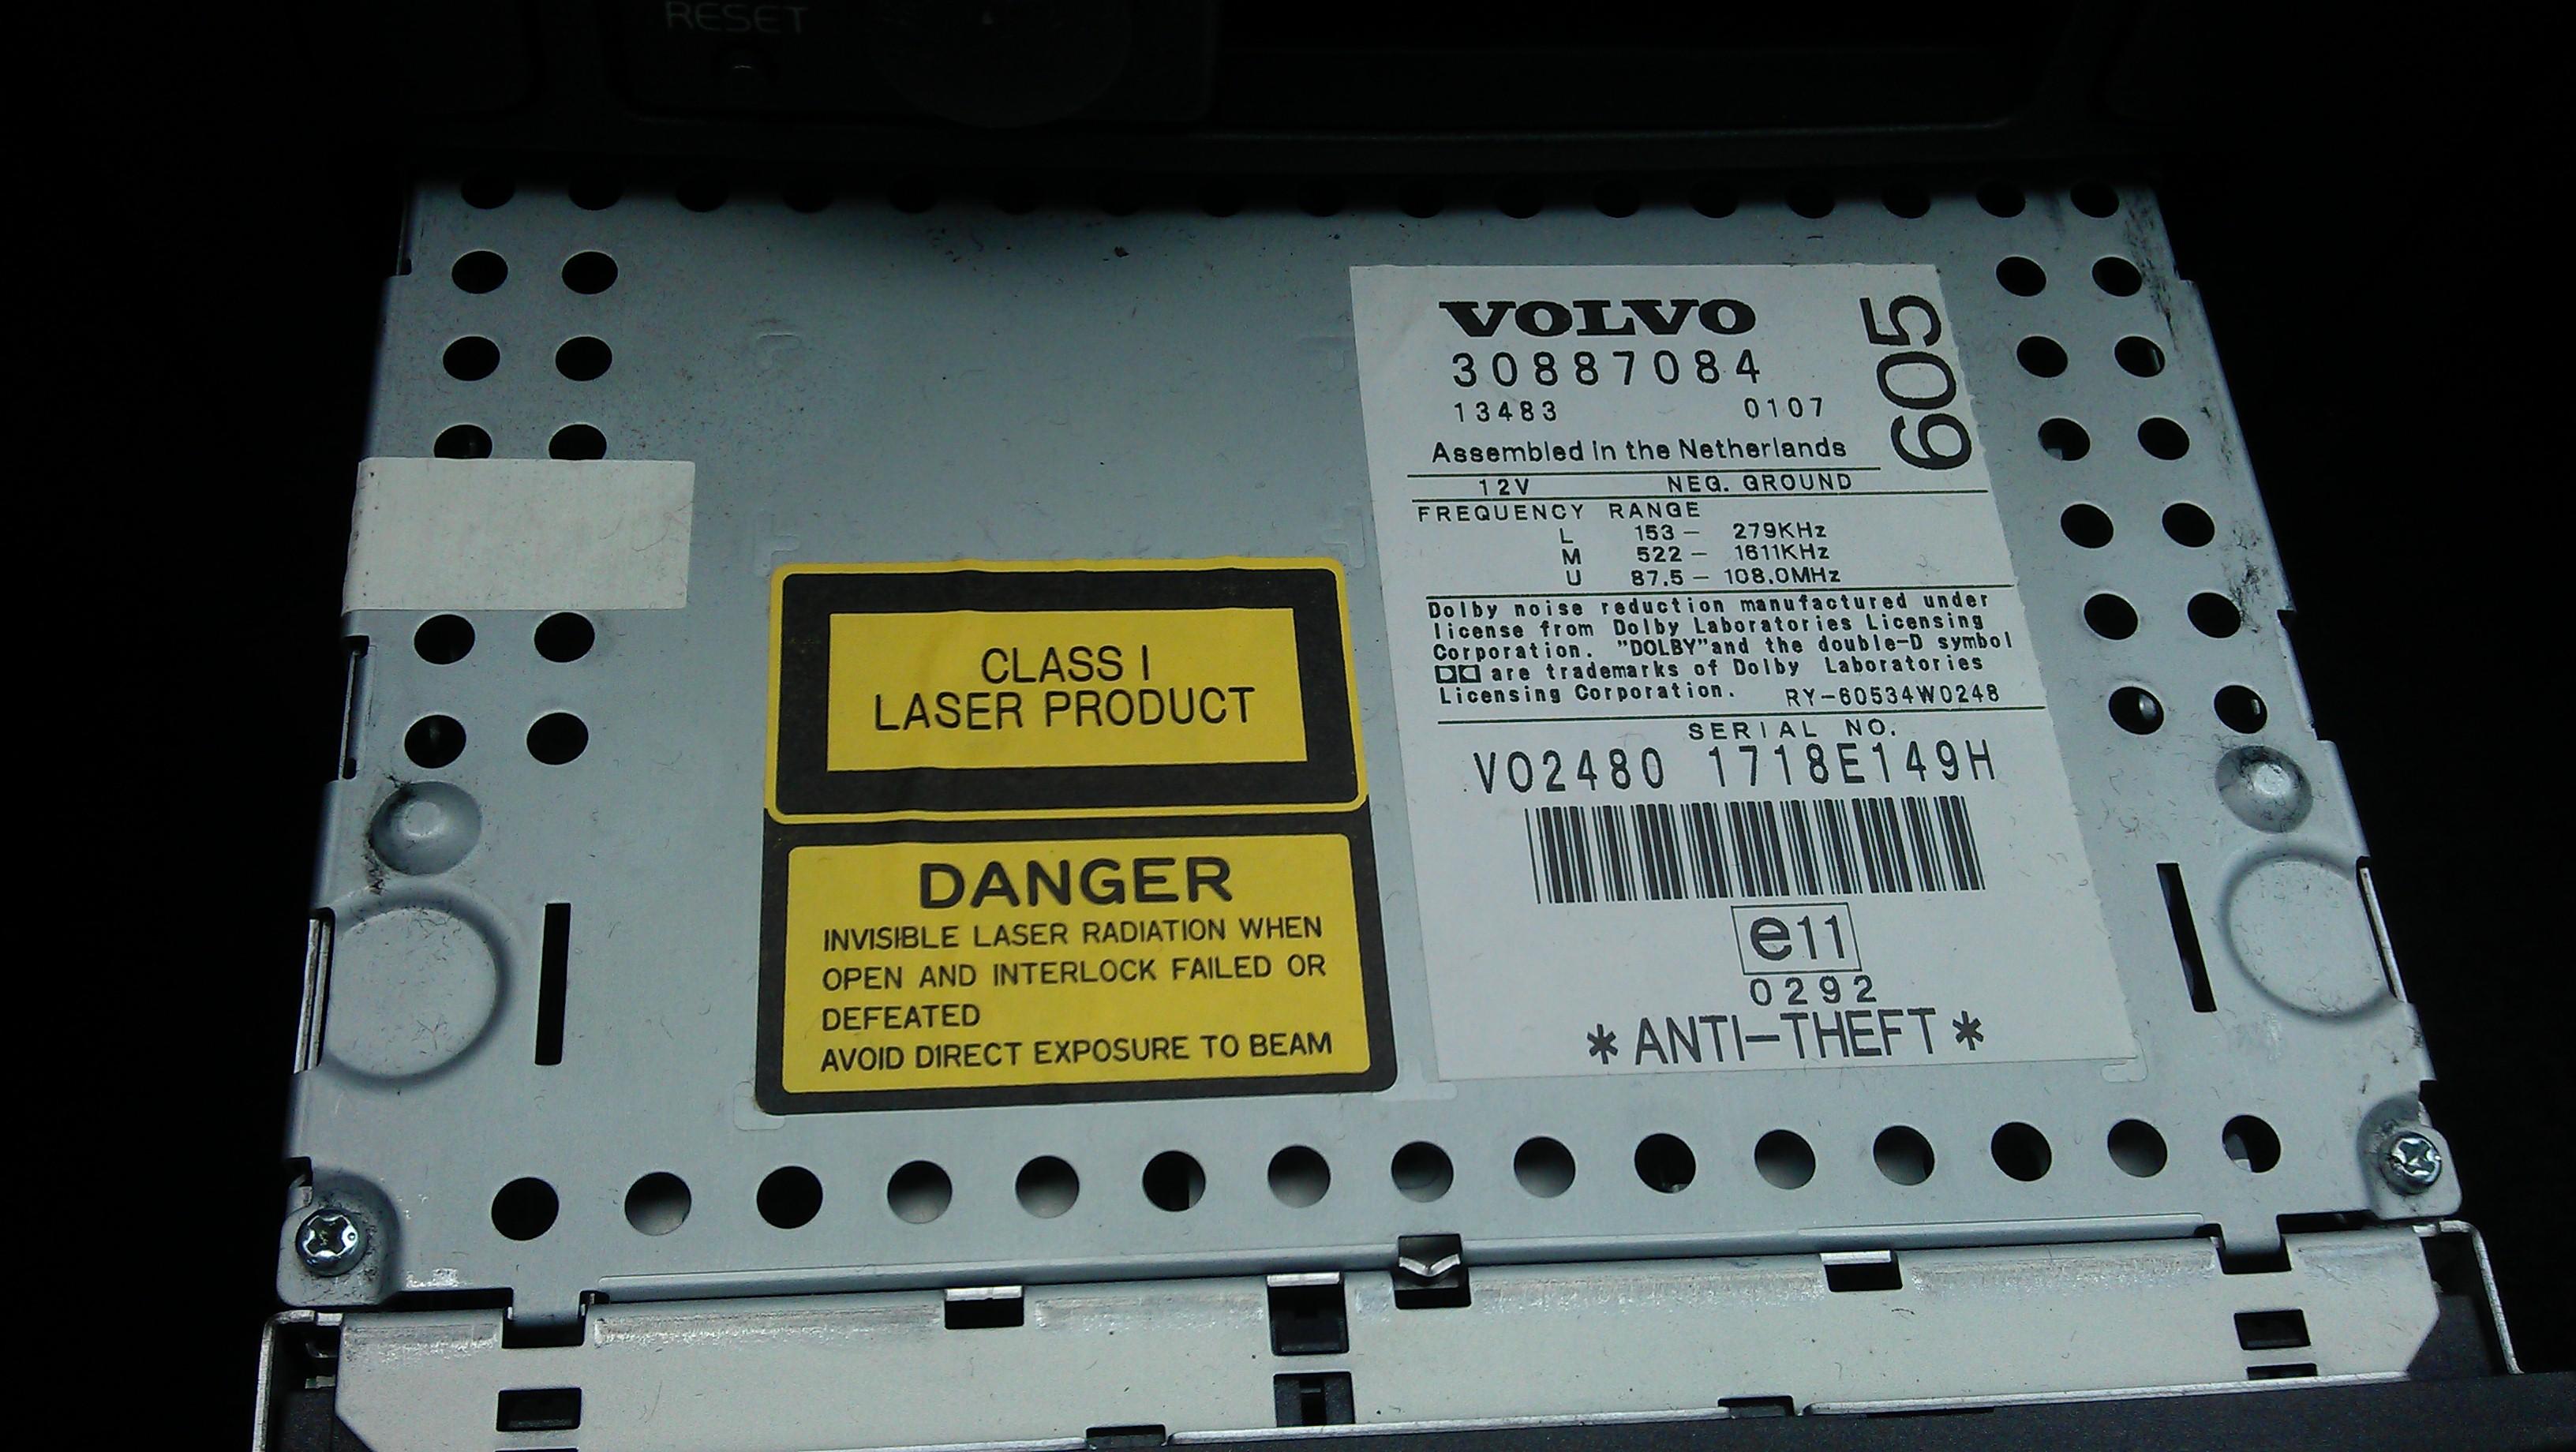 Volvo S40 2001 - HU-605 potrzebny kod lub bin